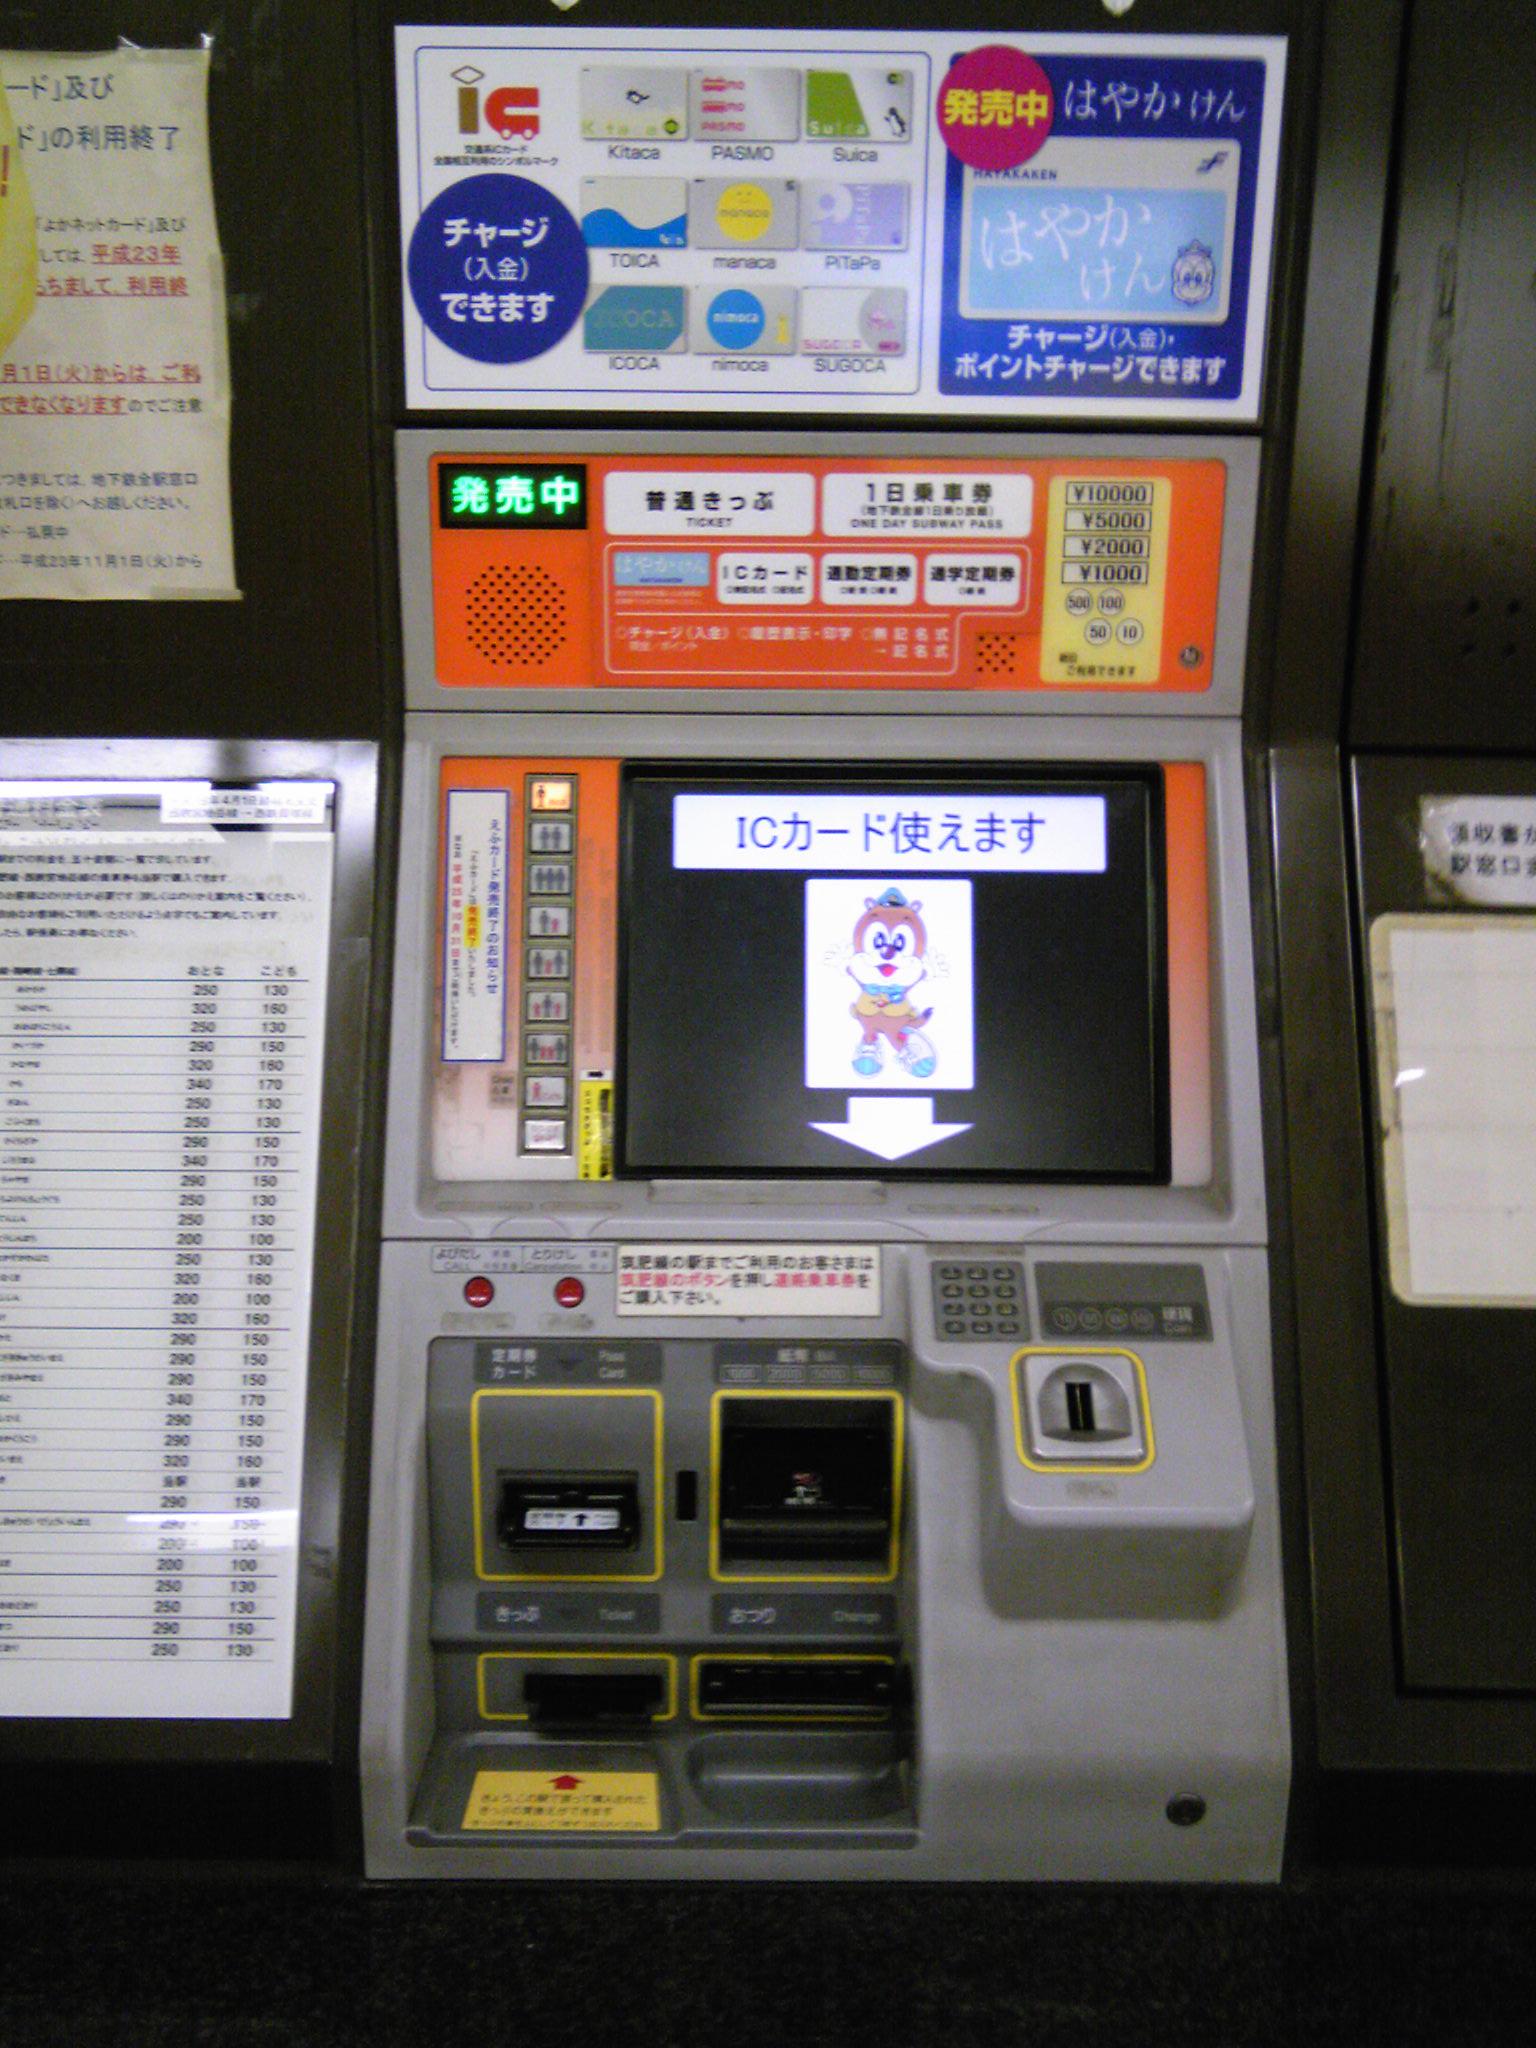 名古屋 市 交通 局 定期 券